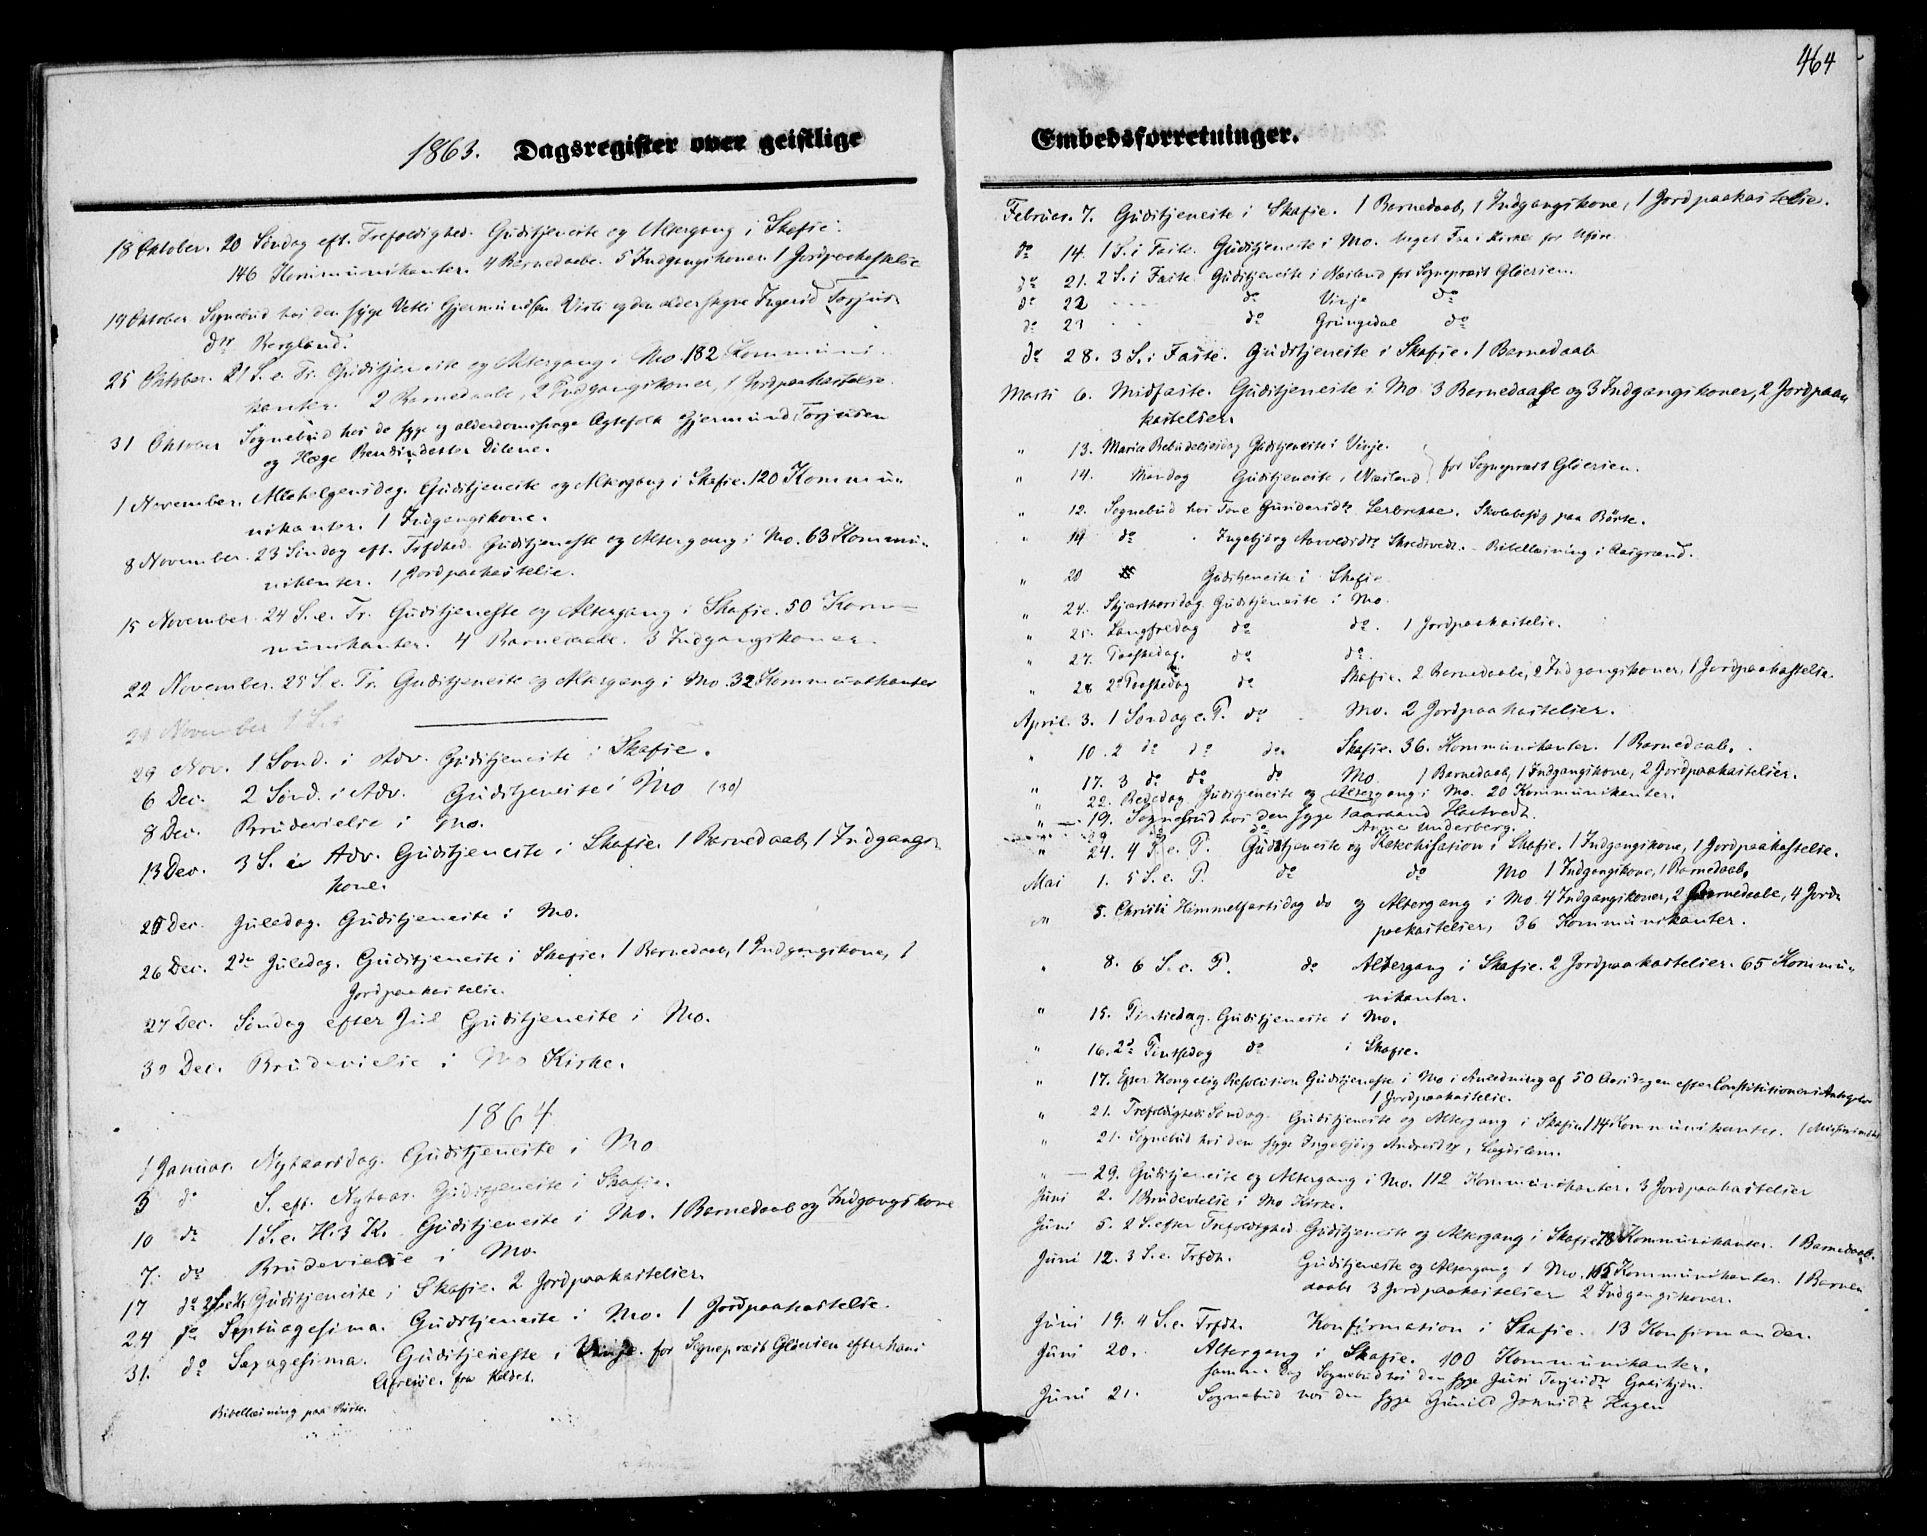 SAKO, Mo kirkebøker, F/Fa/L0005: Ministerialbok nr. I 5, 1844-1864, s. 464